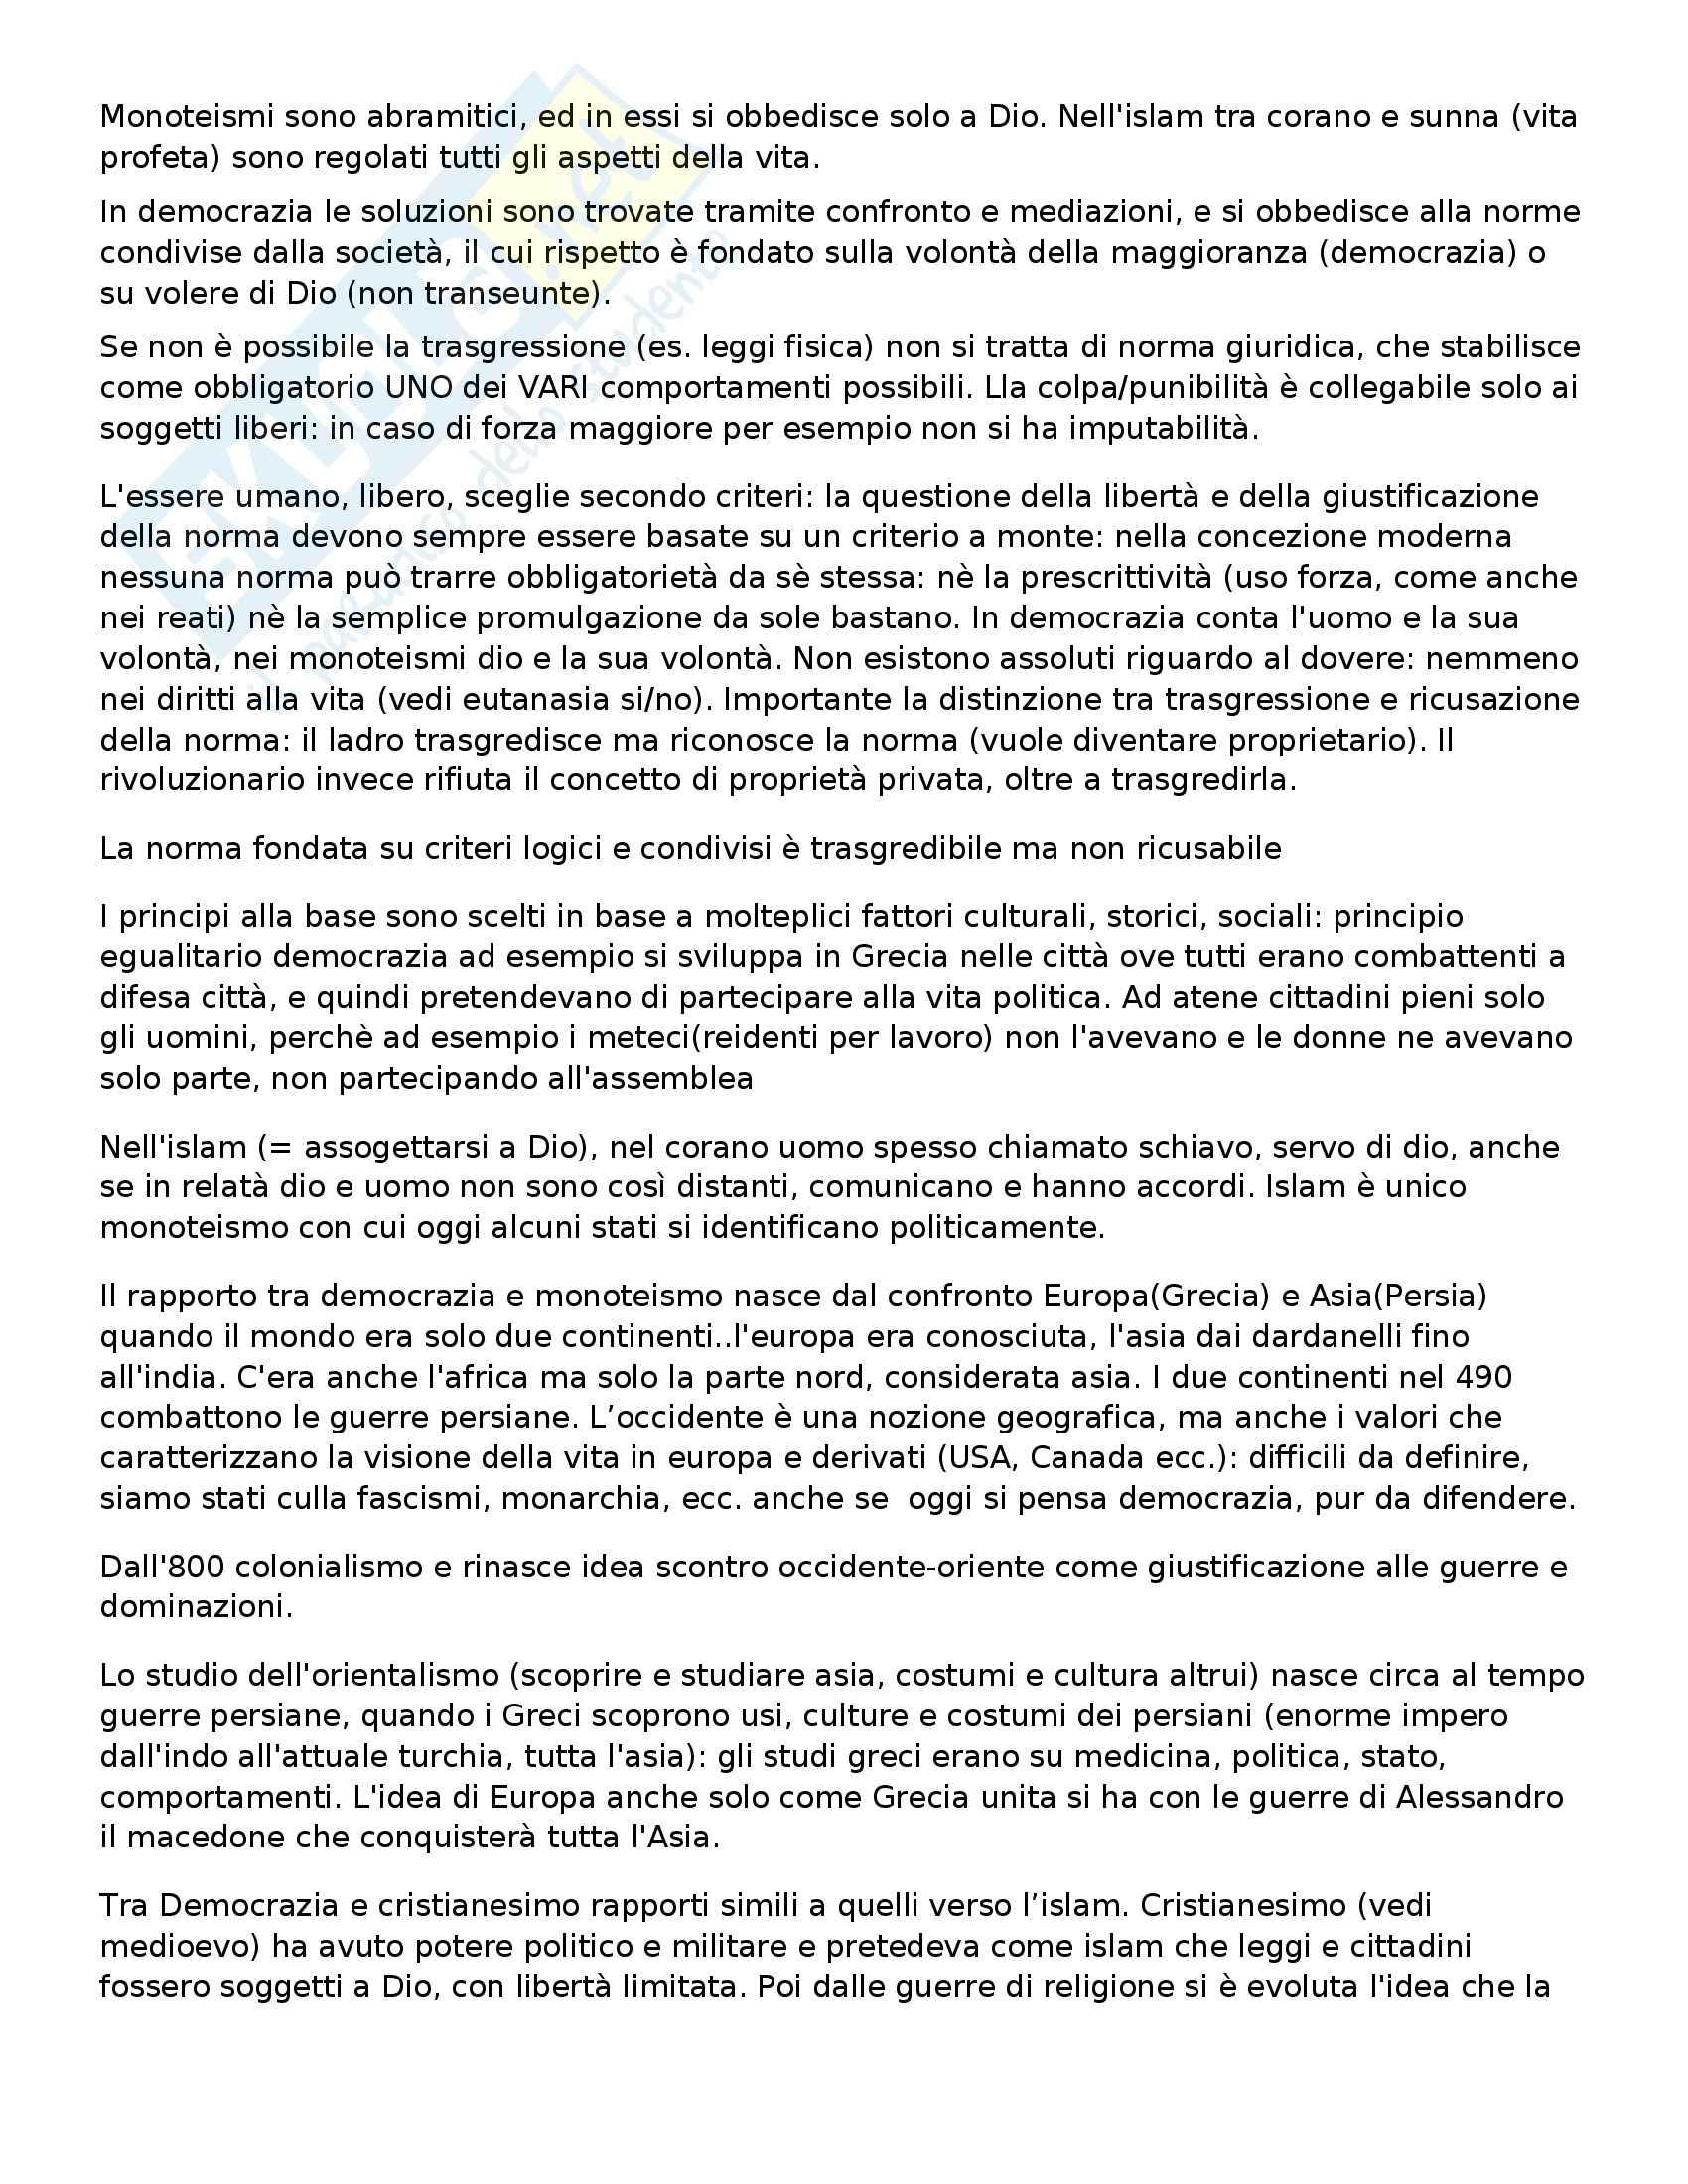 Filosofia del diritto - Riassunto esame lezioni, prof. Ferri